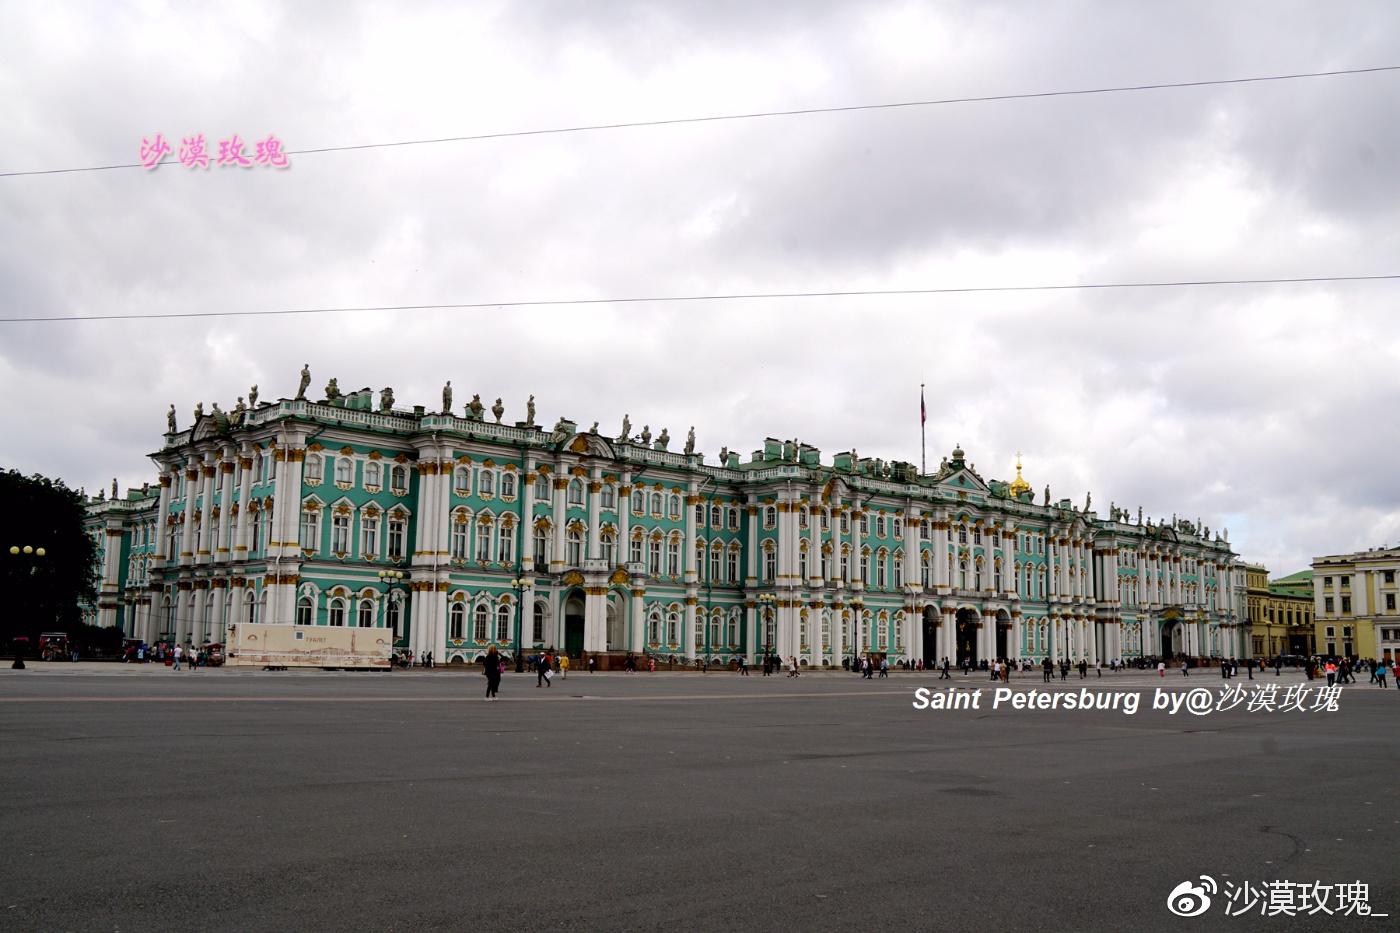 世界上游览路线最长的博物馆,展览路线超过30公里